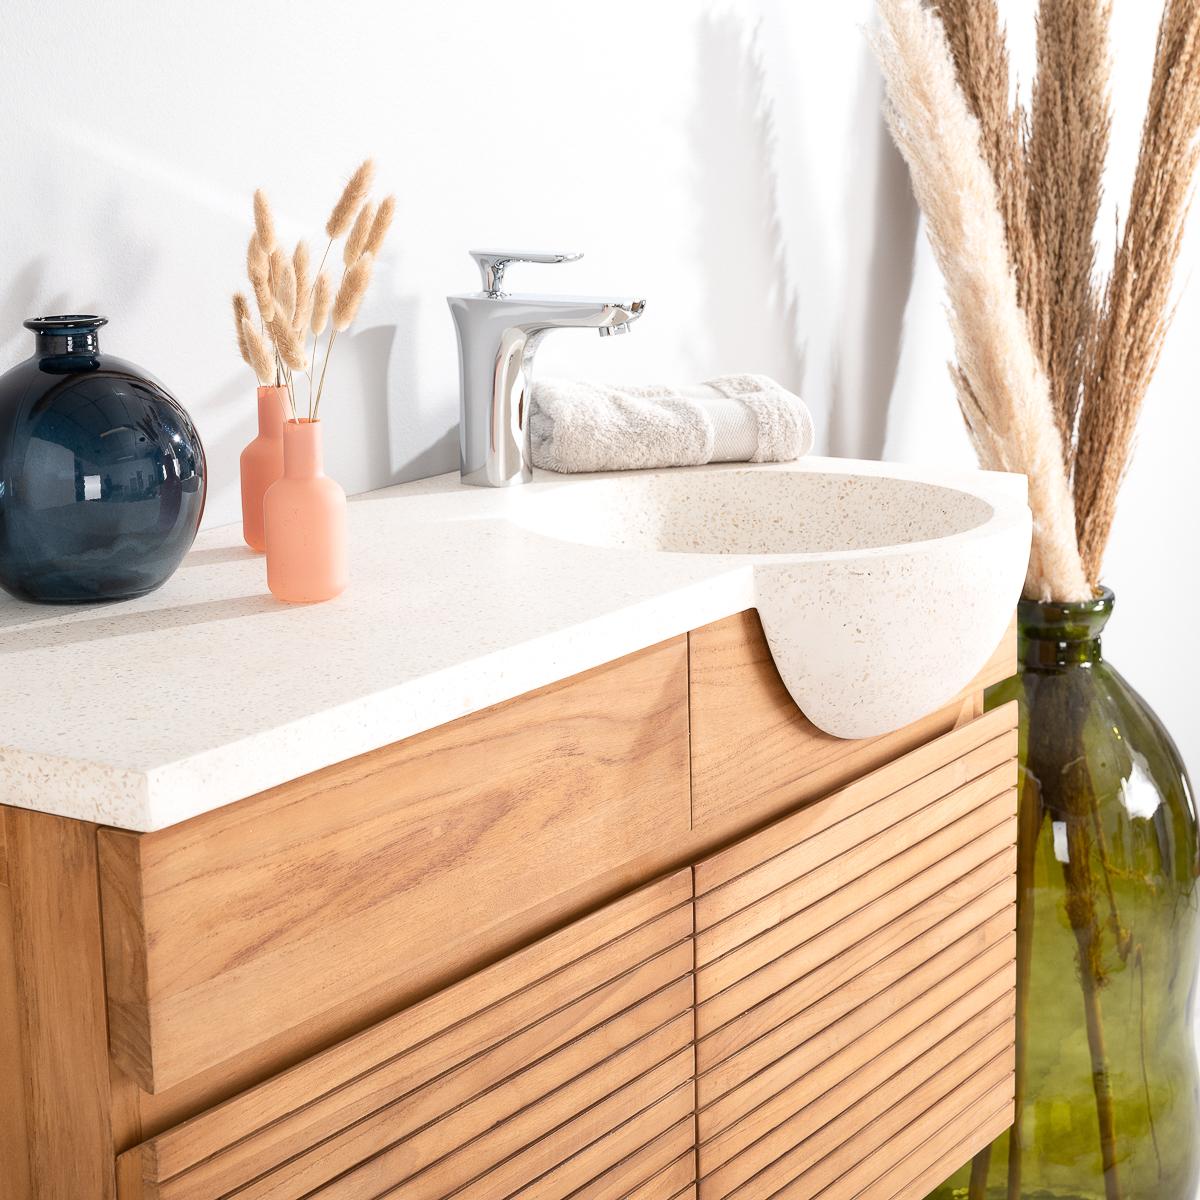 Meuble sous vasque (simple vasque) suspendu en bois (teck) massif ...